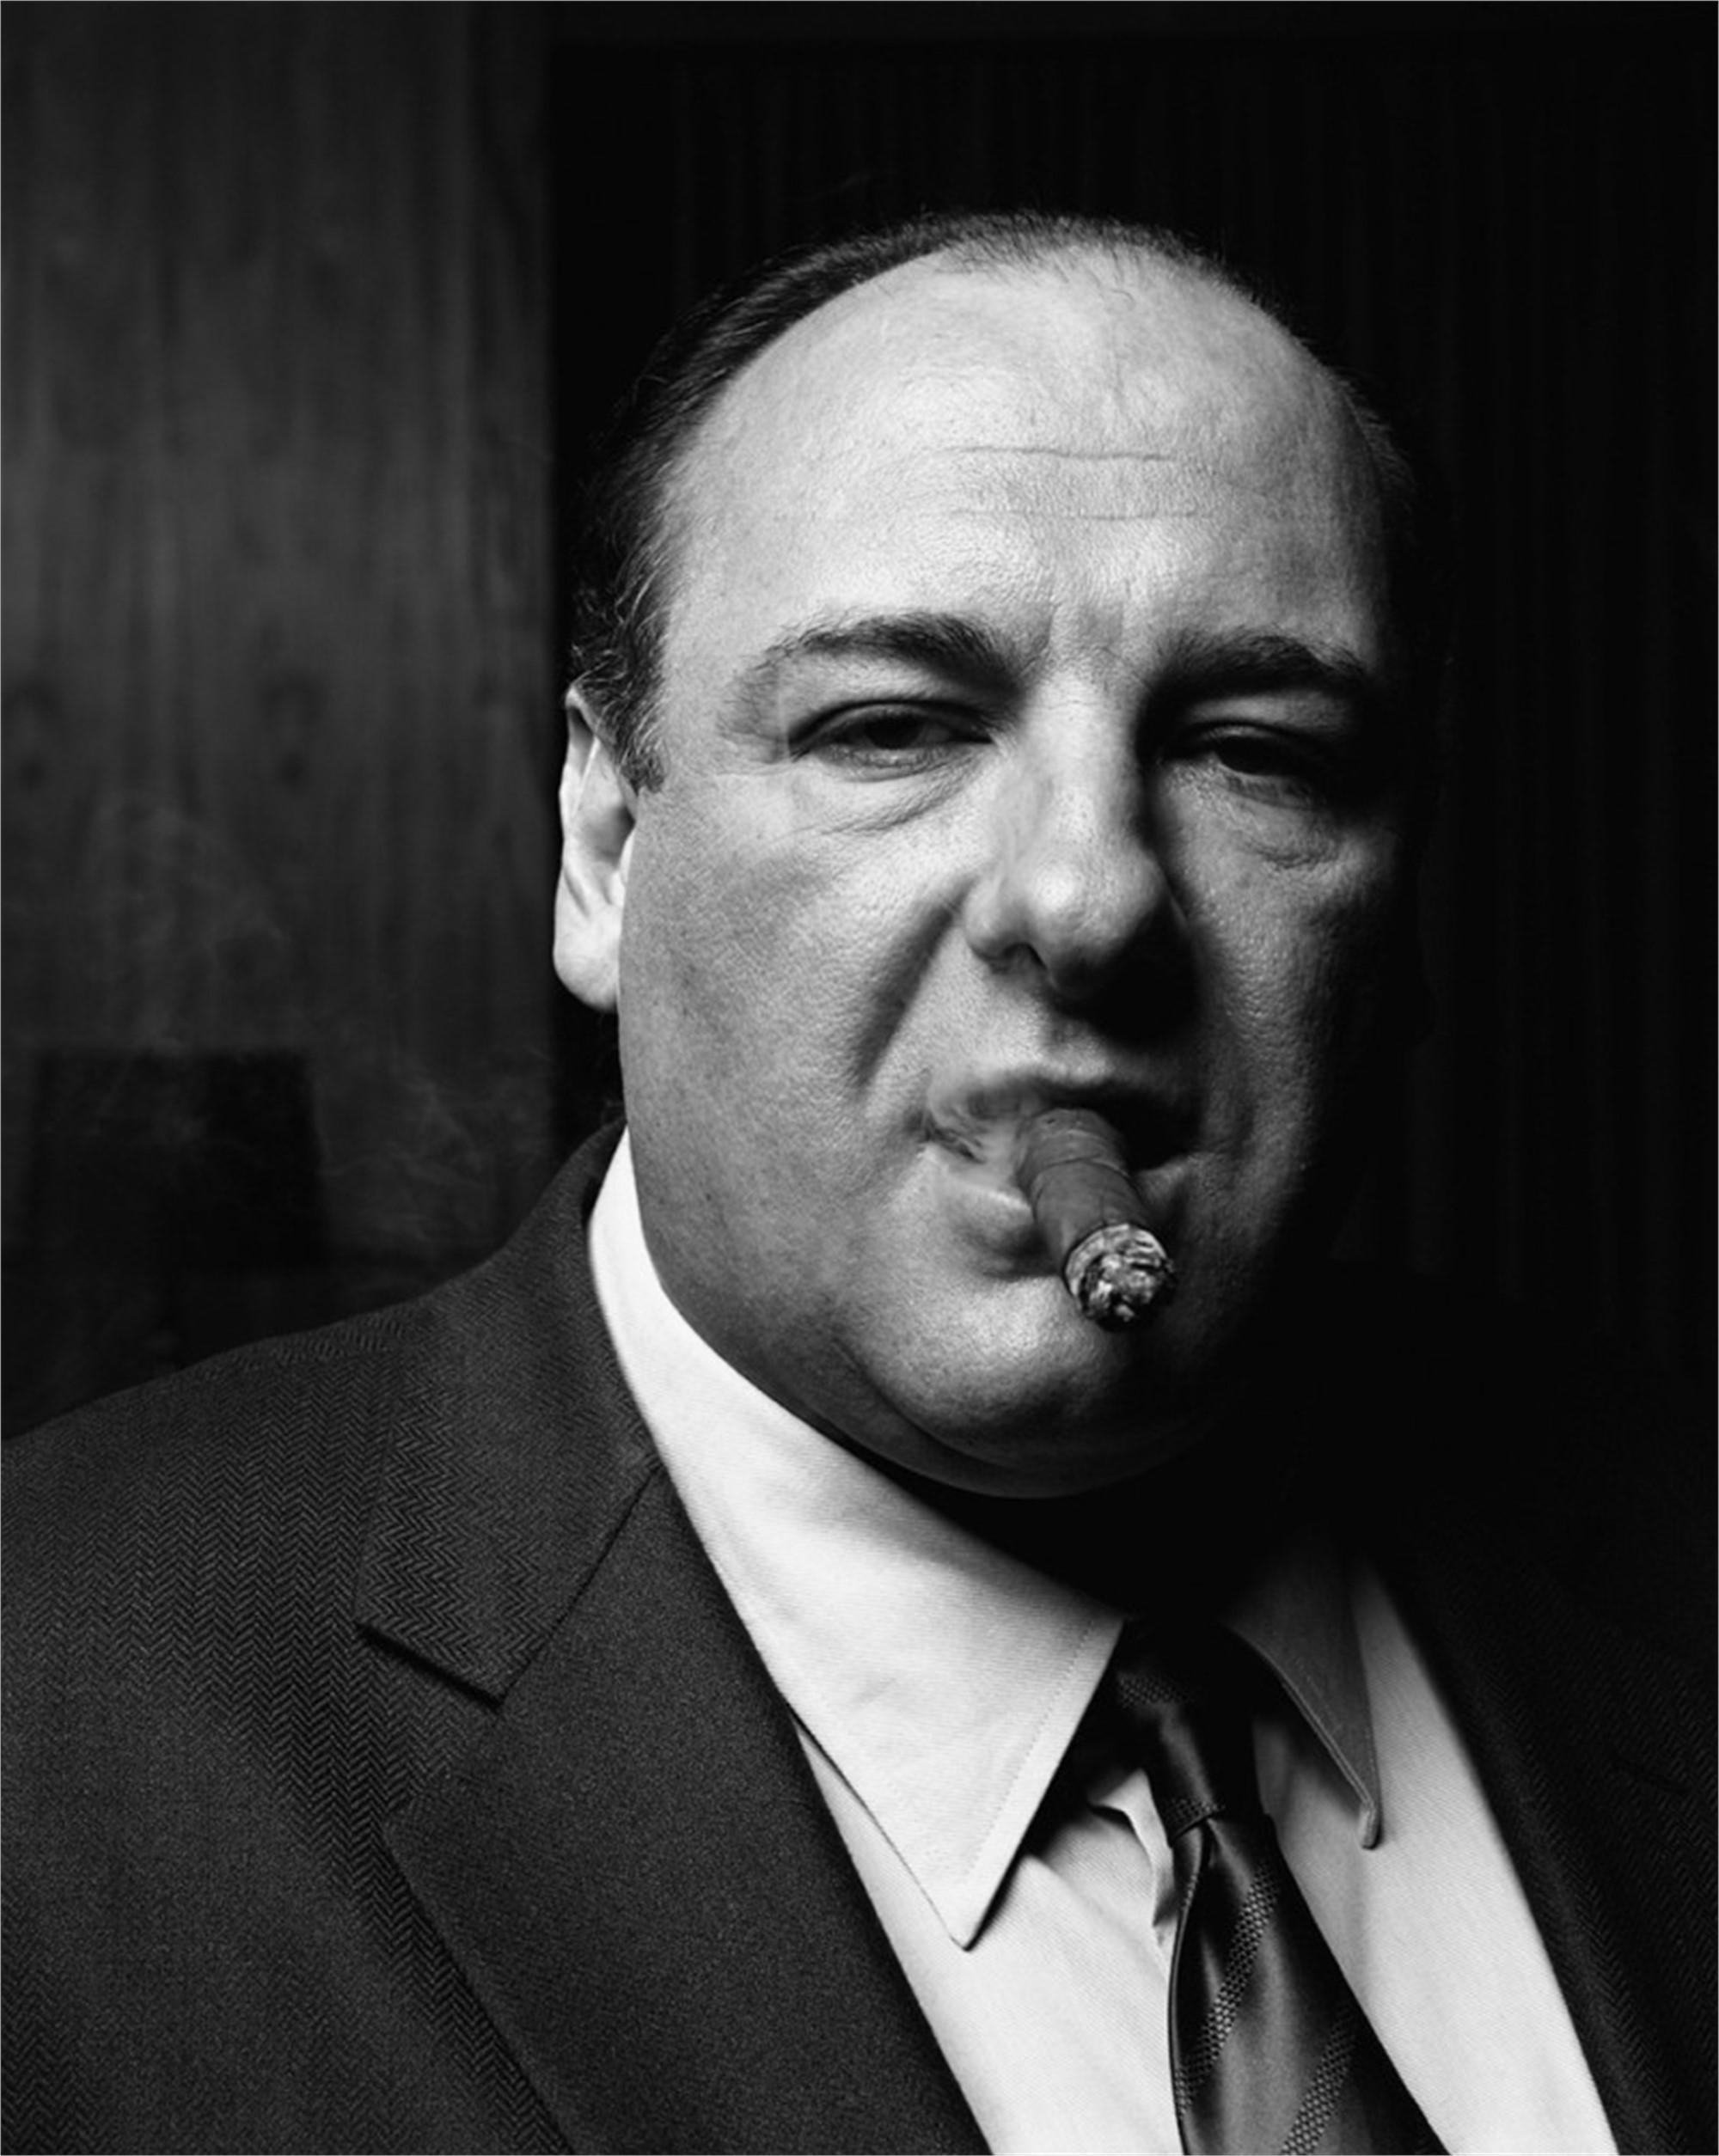 06072 James Gandolfini Cigar BW by Timothy White